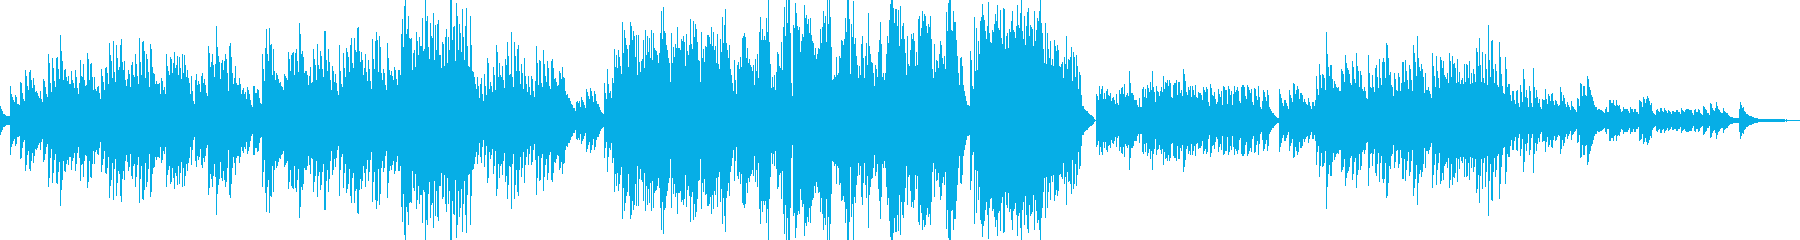 ショパンの別れの曲です。の再生済みの波形